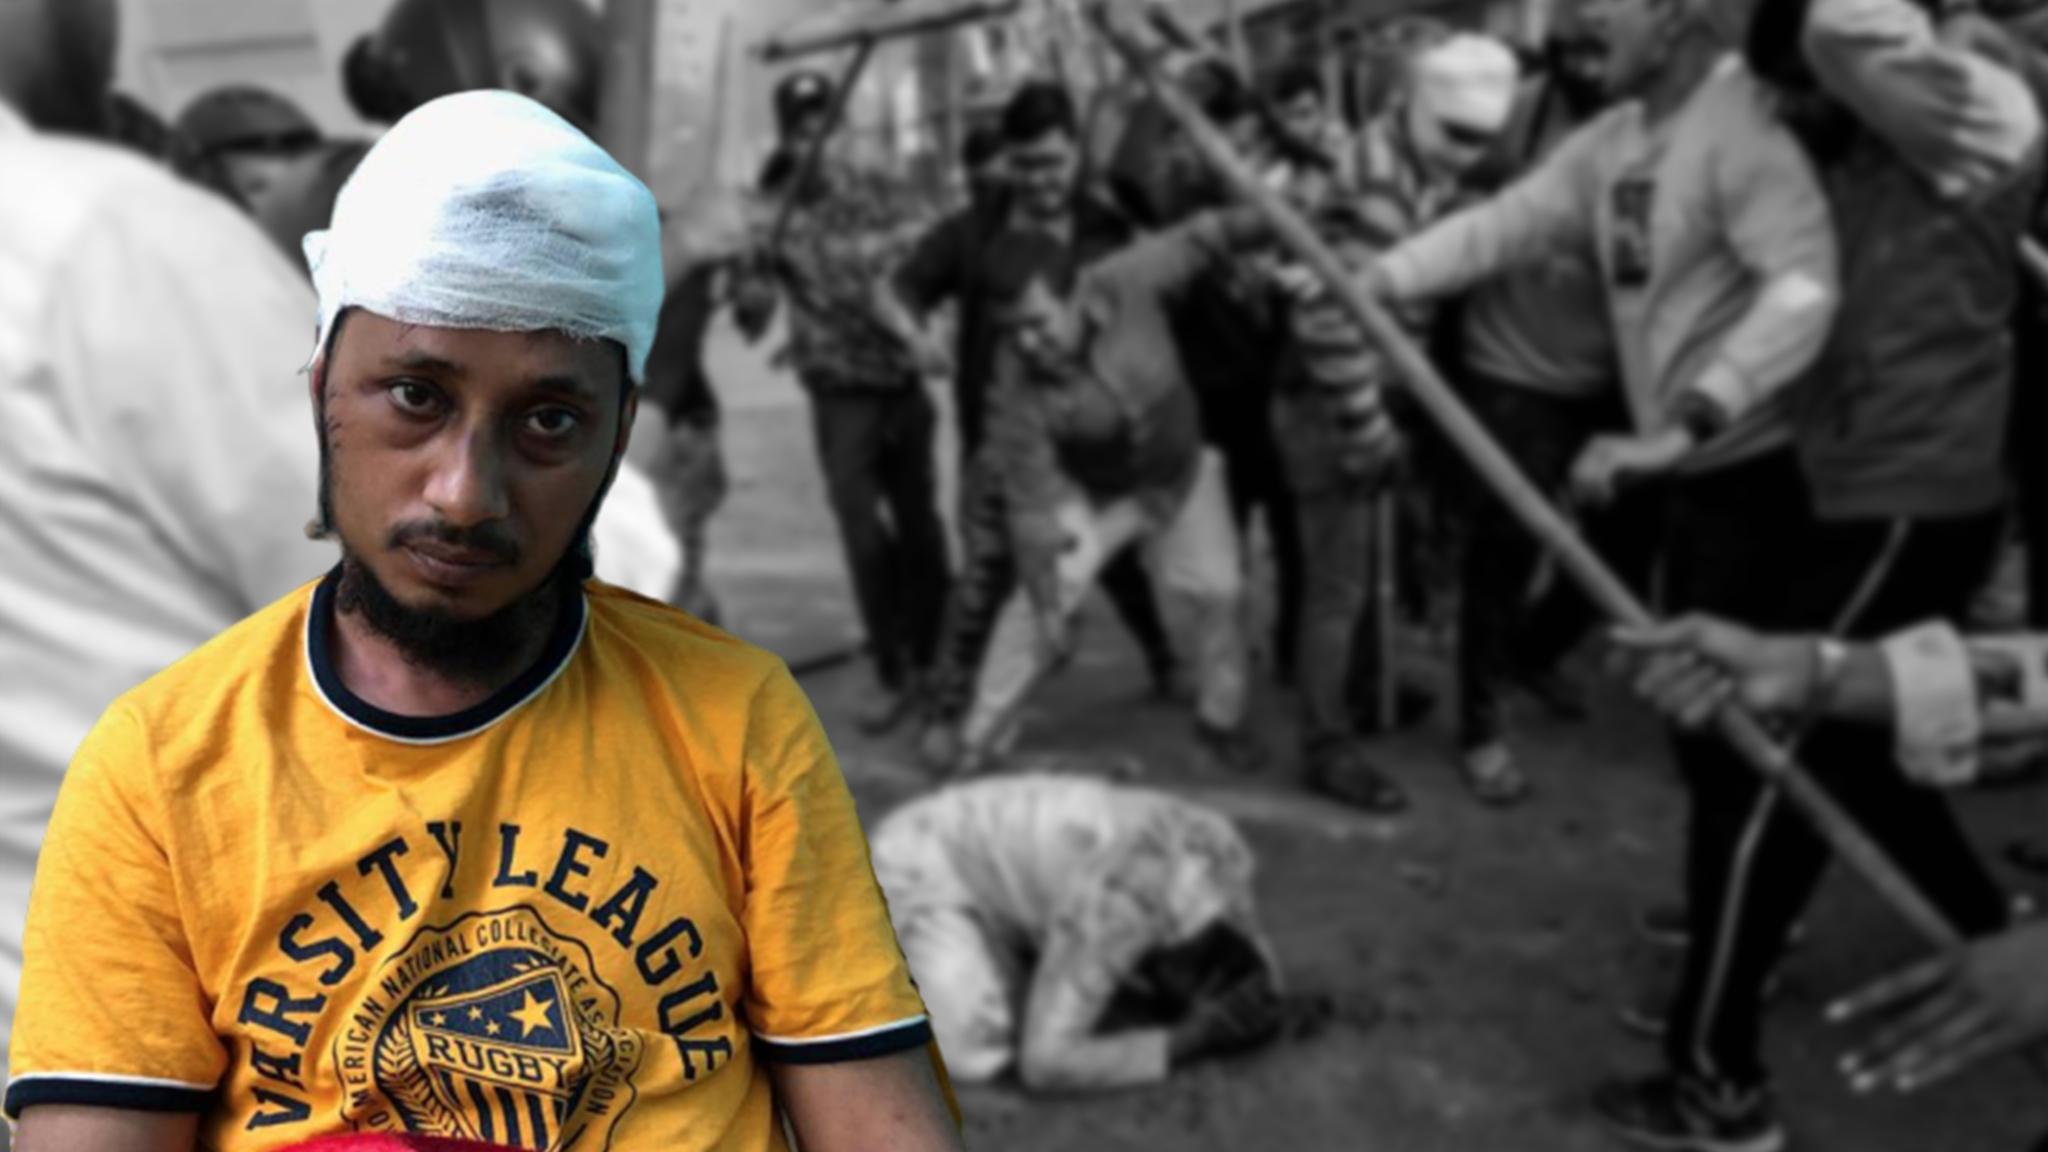 Mob Saw My Cap, Beard Pounced at Me: Man from Viral Delhi Photo